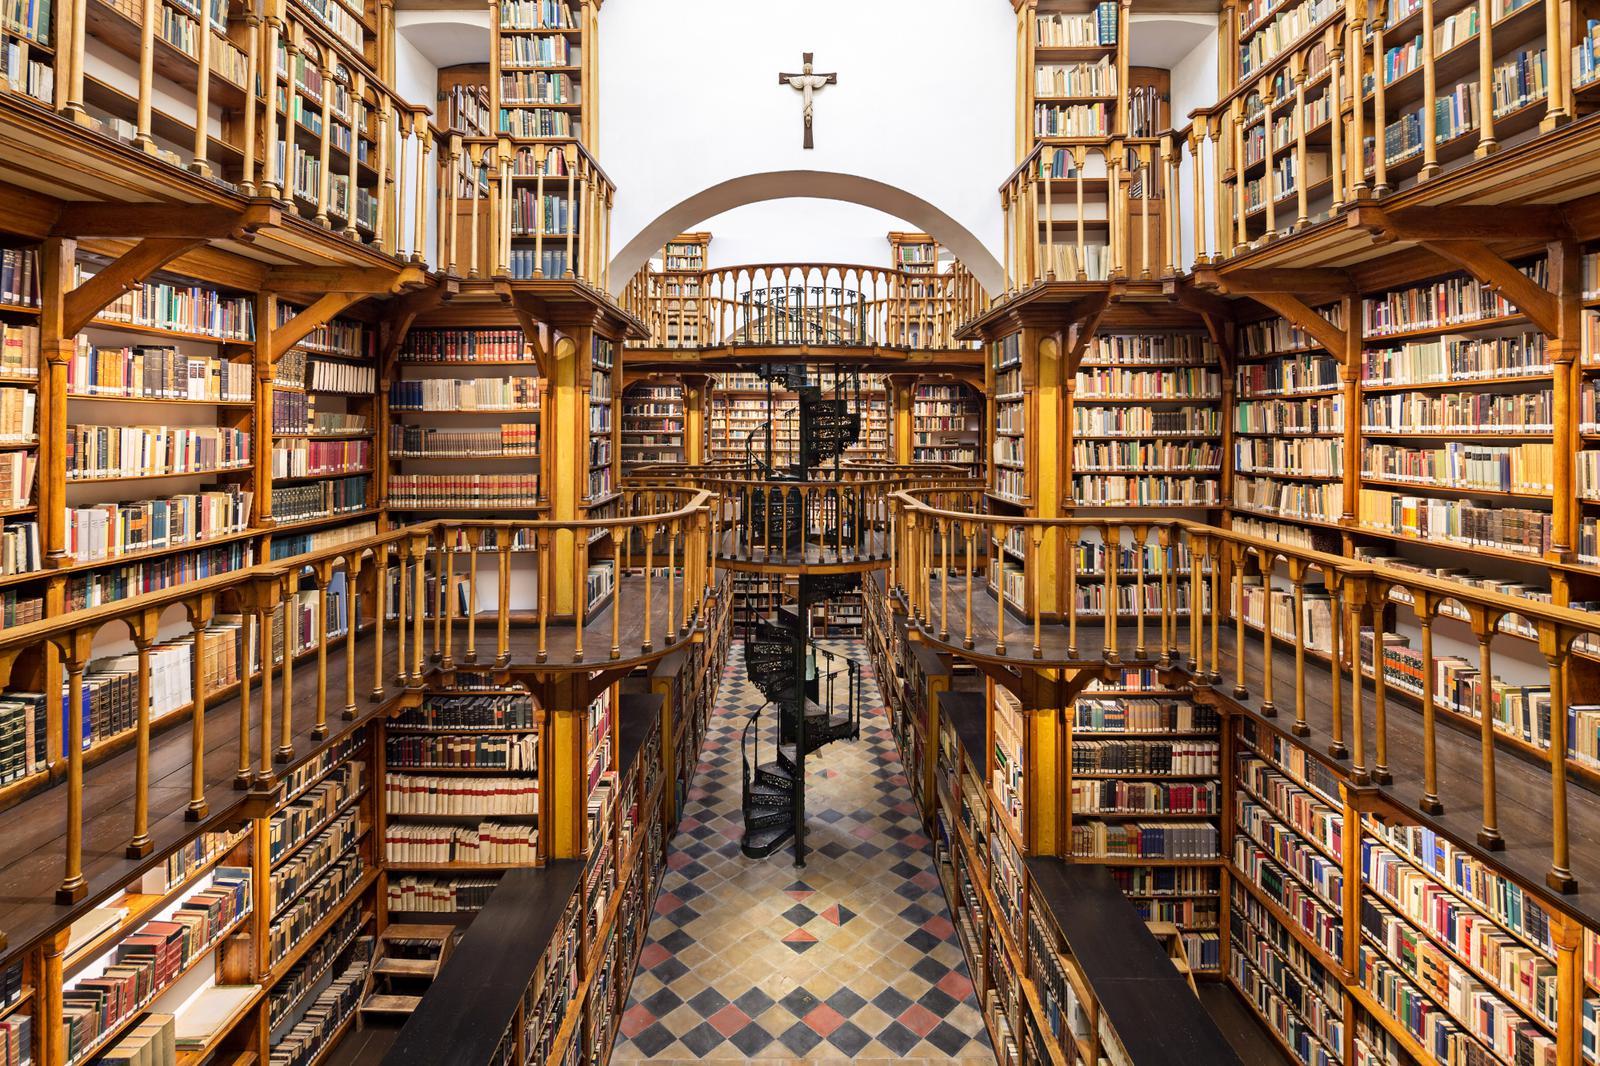 Pictures Of Bookshelves Bibliothek Benediktinerabtei Maria Laach